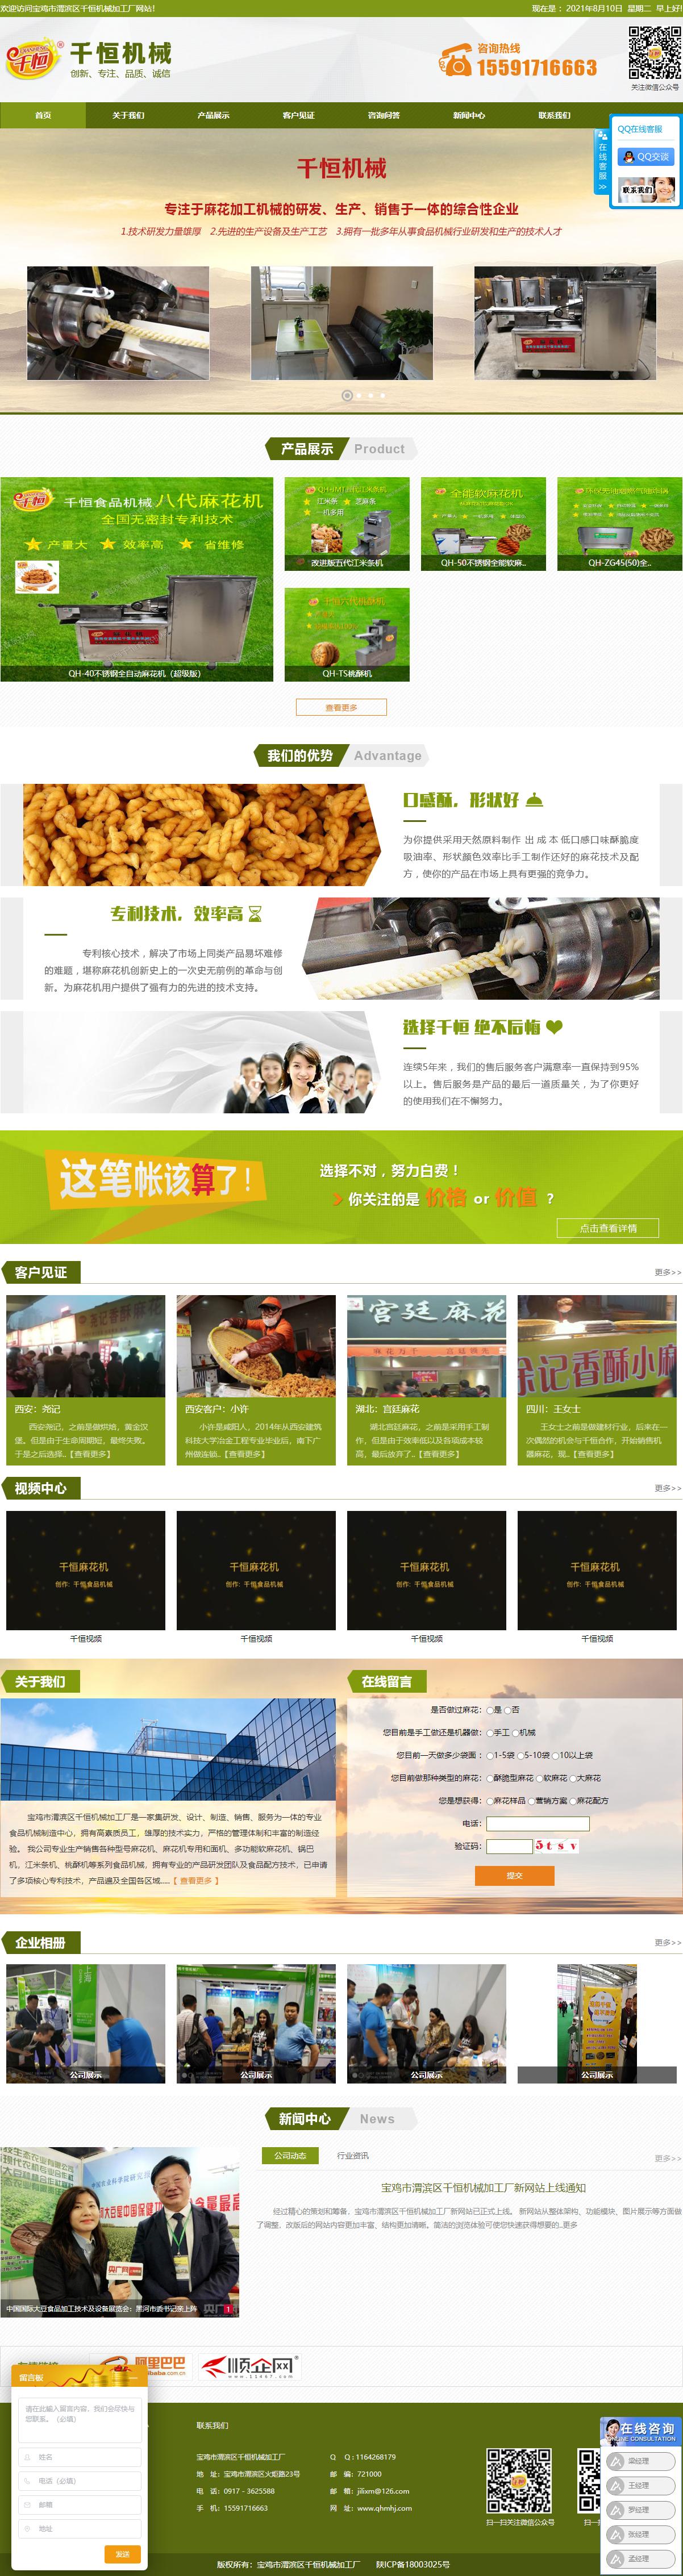 宝鸡市渭滨区千恒机械加工厂网站案例